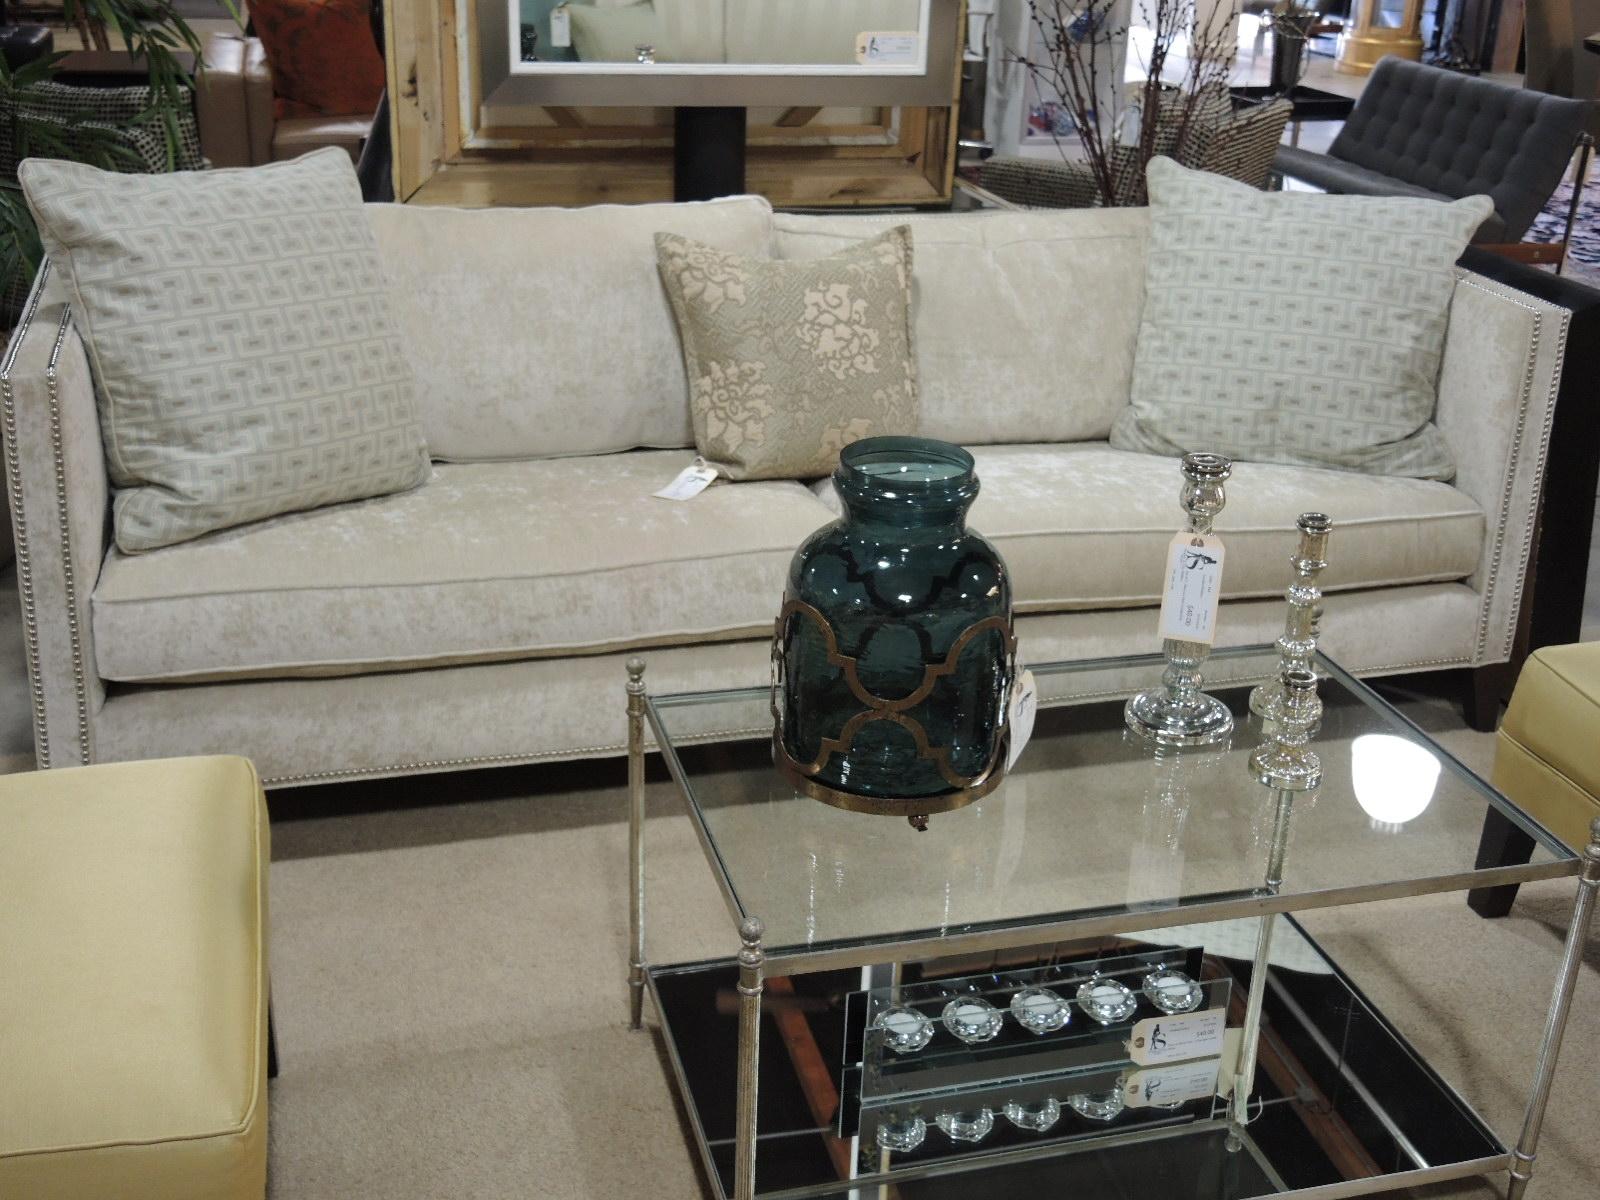 Cream Velvet Nailhead Sofa From Mitchell Gold/Bob Williams, 7u00278u2033W X 36u2033D X  30u2033H, $1700u2013SOLD